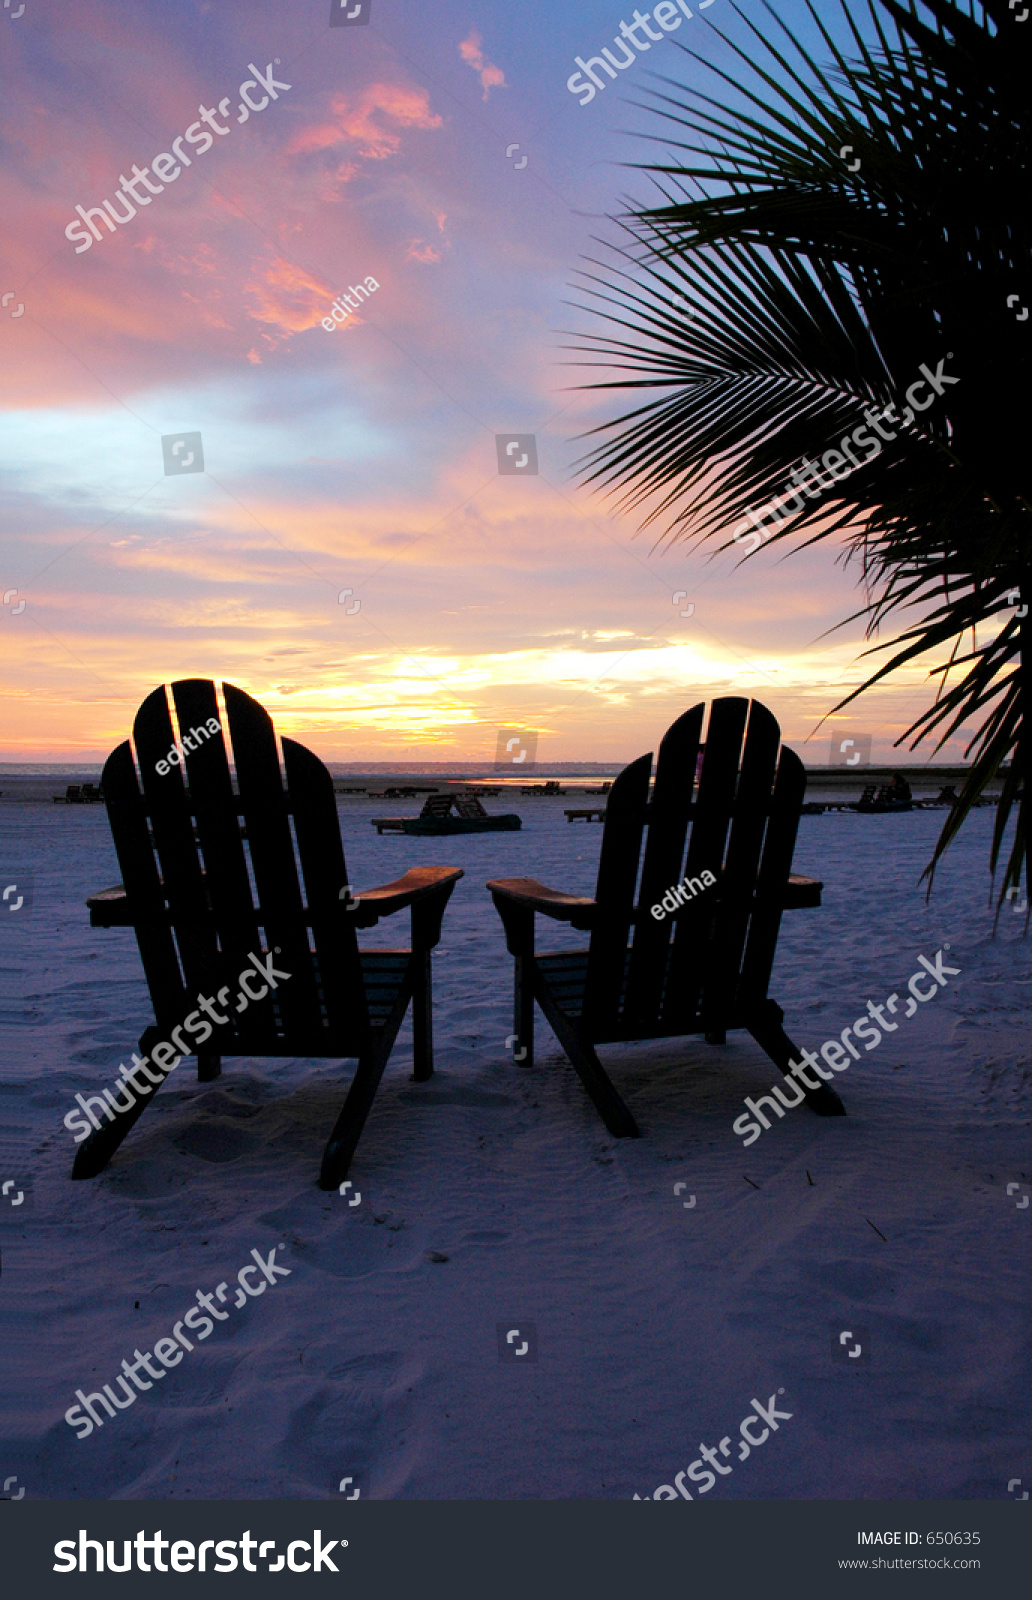 Adirondack Beach Chairs Sunset Vertical Stock Photo 650635